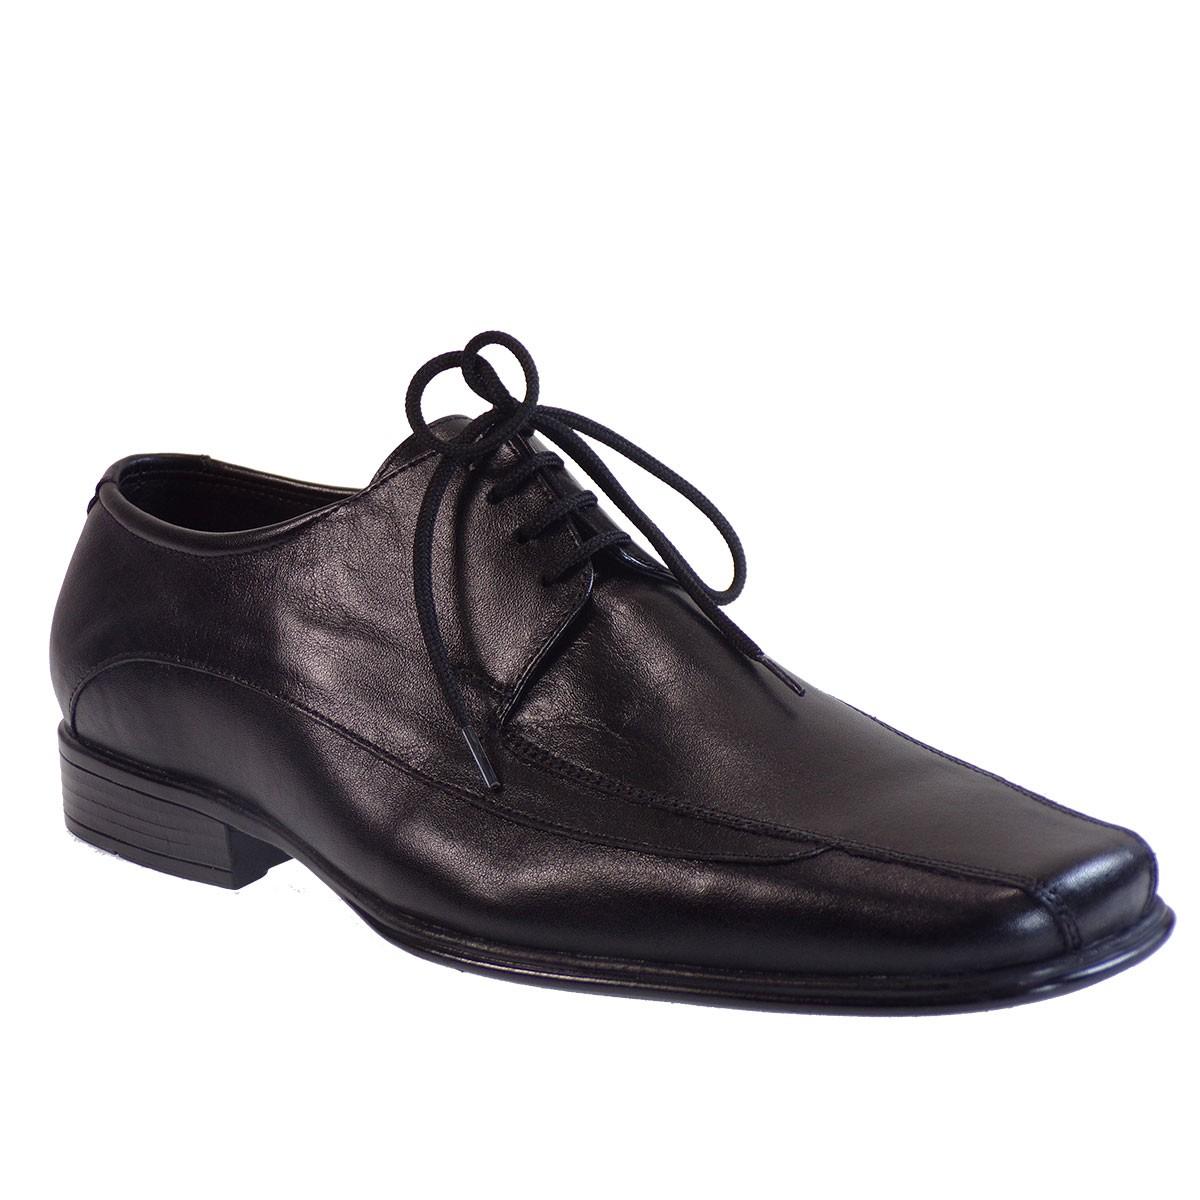 Vero Shoes Παπούτσια Αντρικά 129 Μαύρο Δέρμα